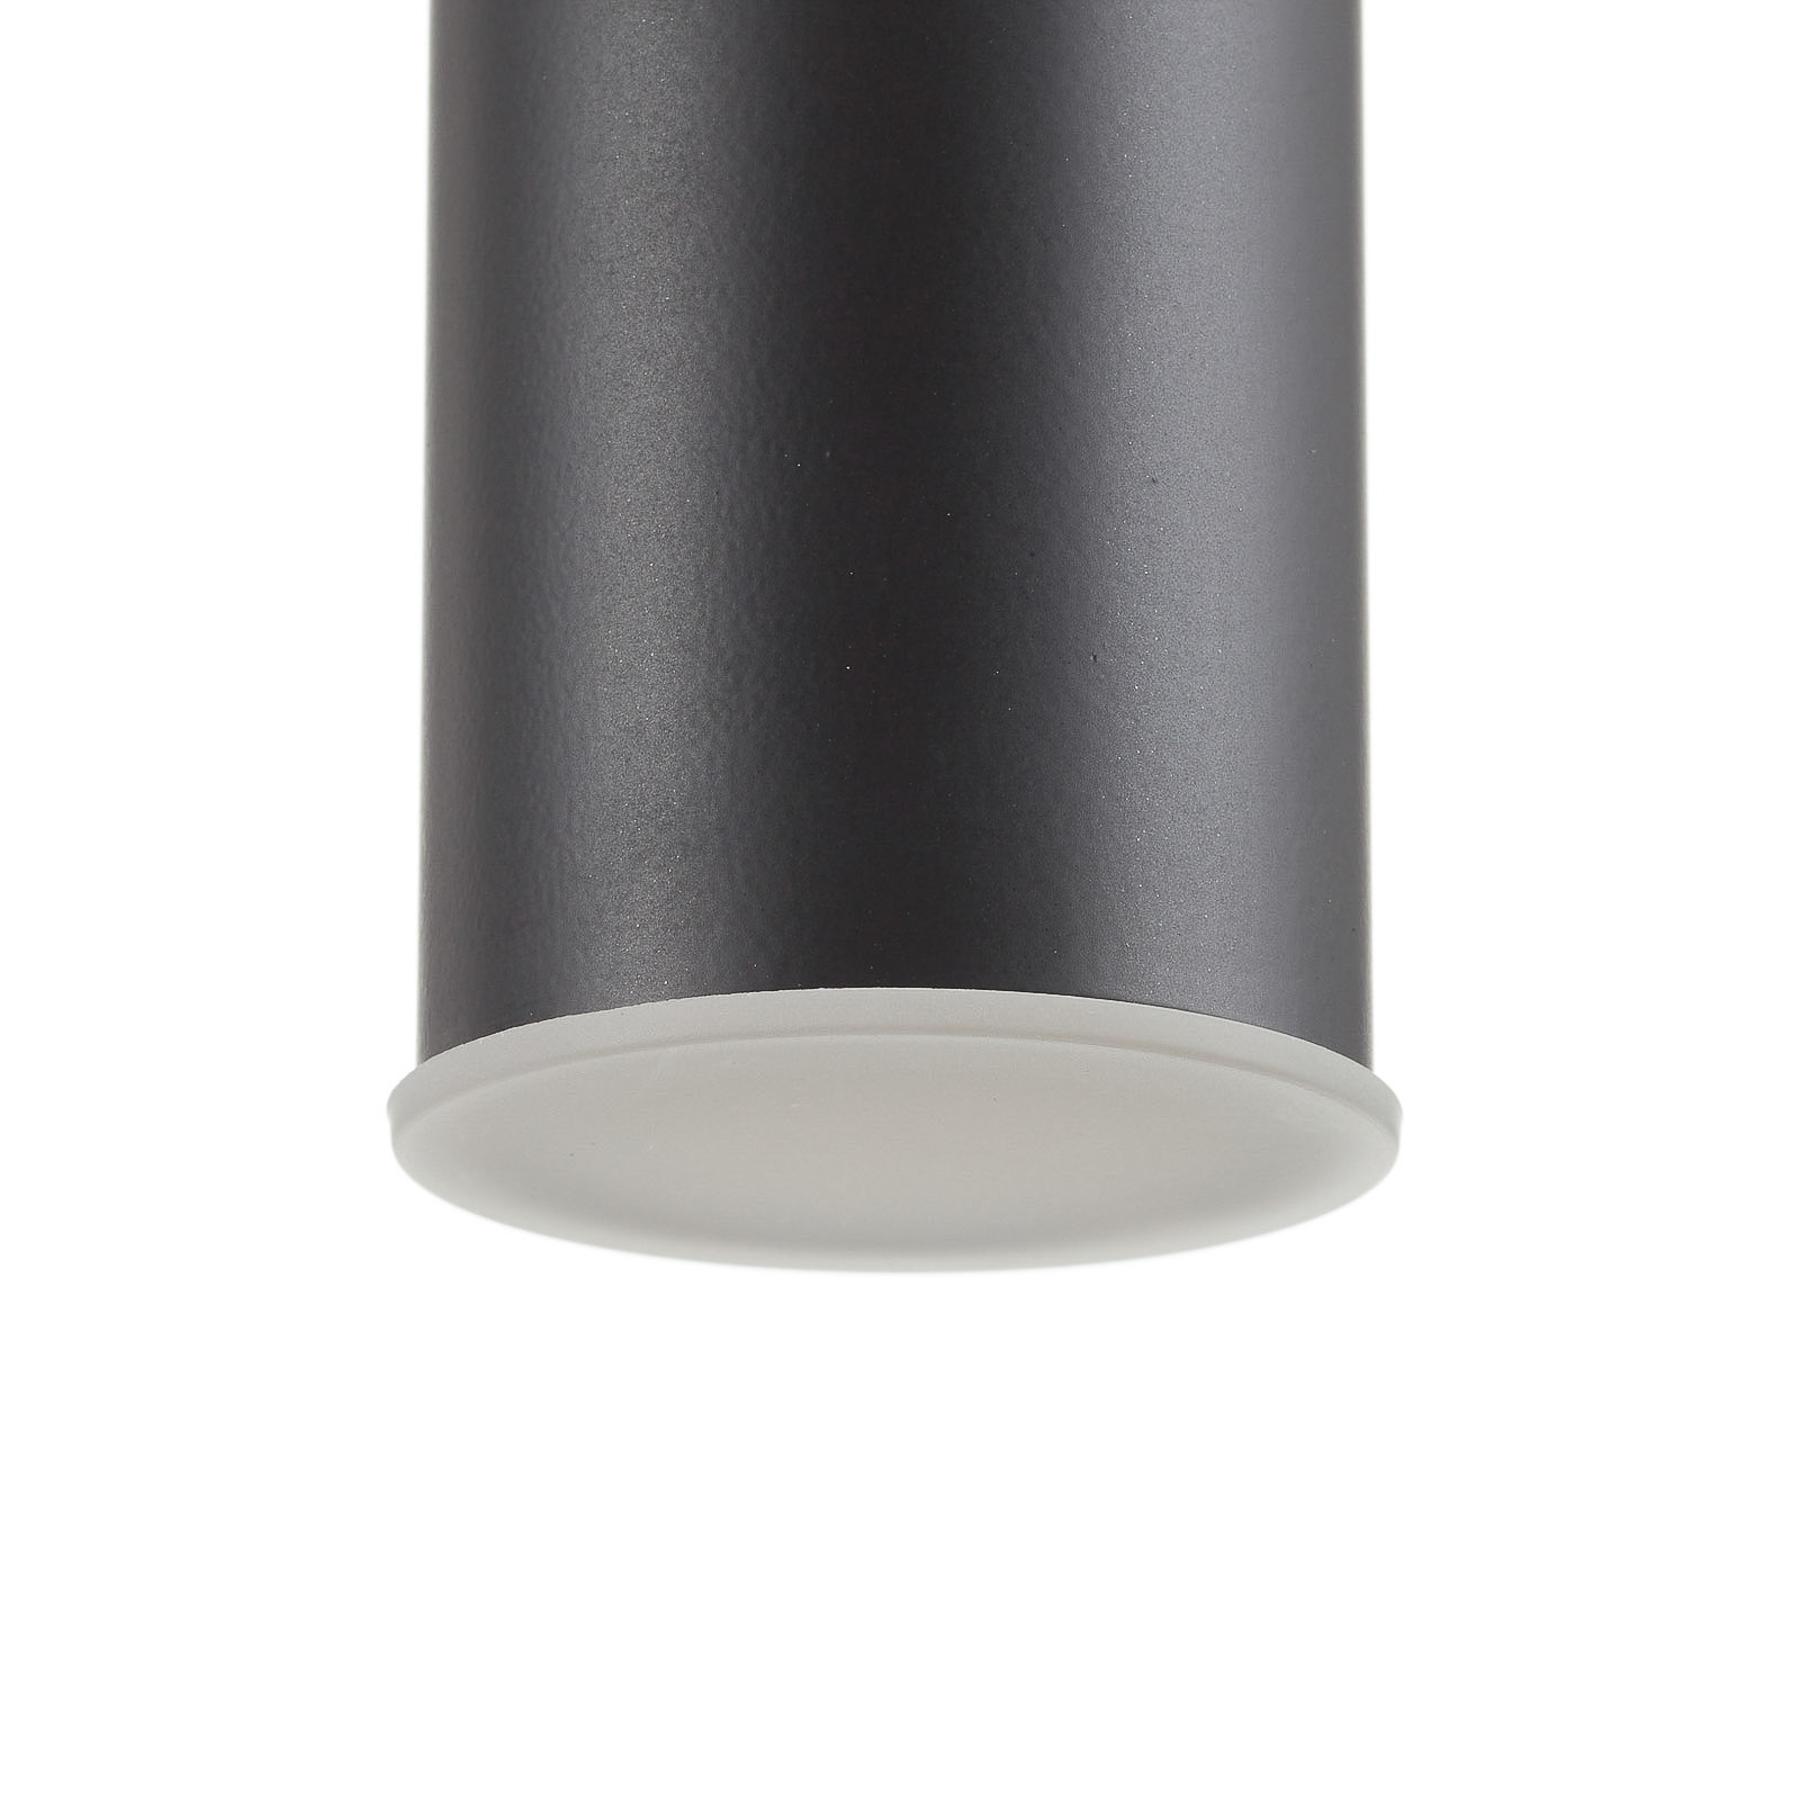 Schöner Wohnen Stina LED sospensione 1 luce nero